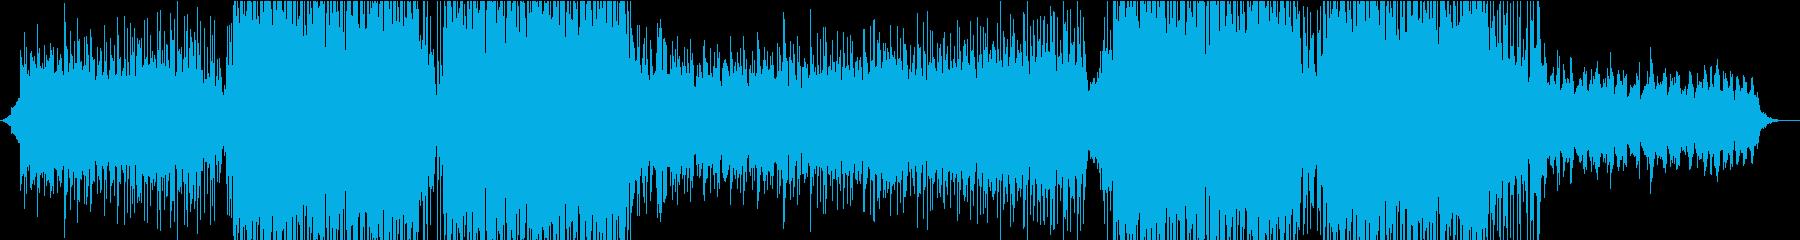 南国リゾ~ト! 爽快トロピカルハウス②の再生済みの波形